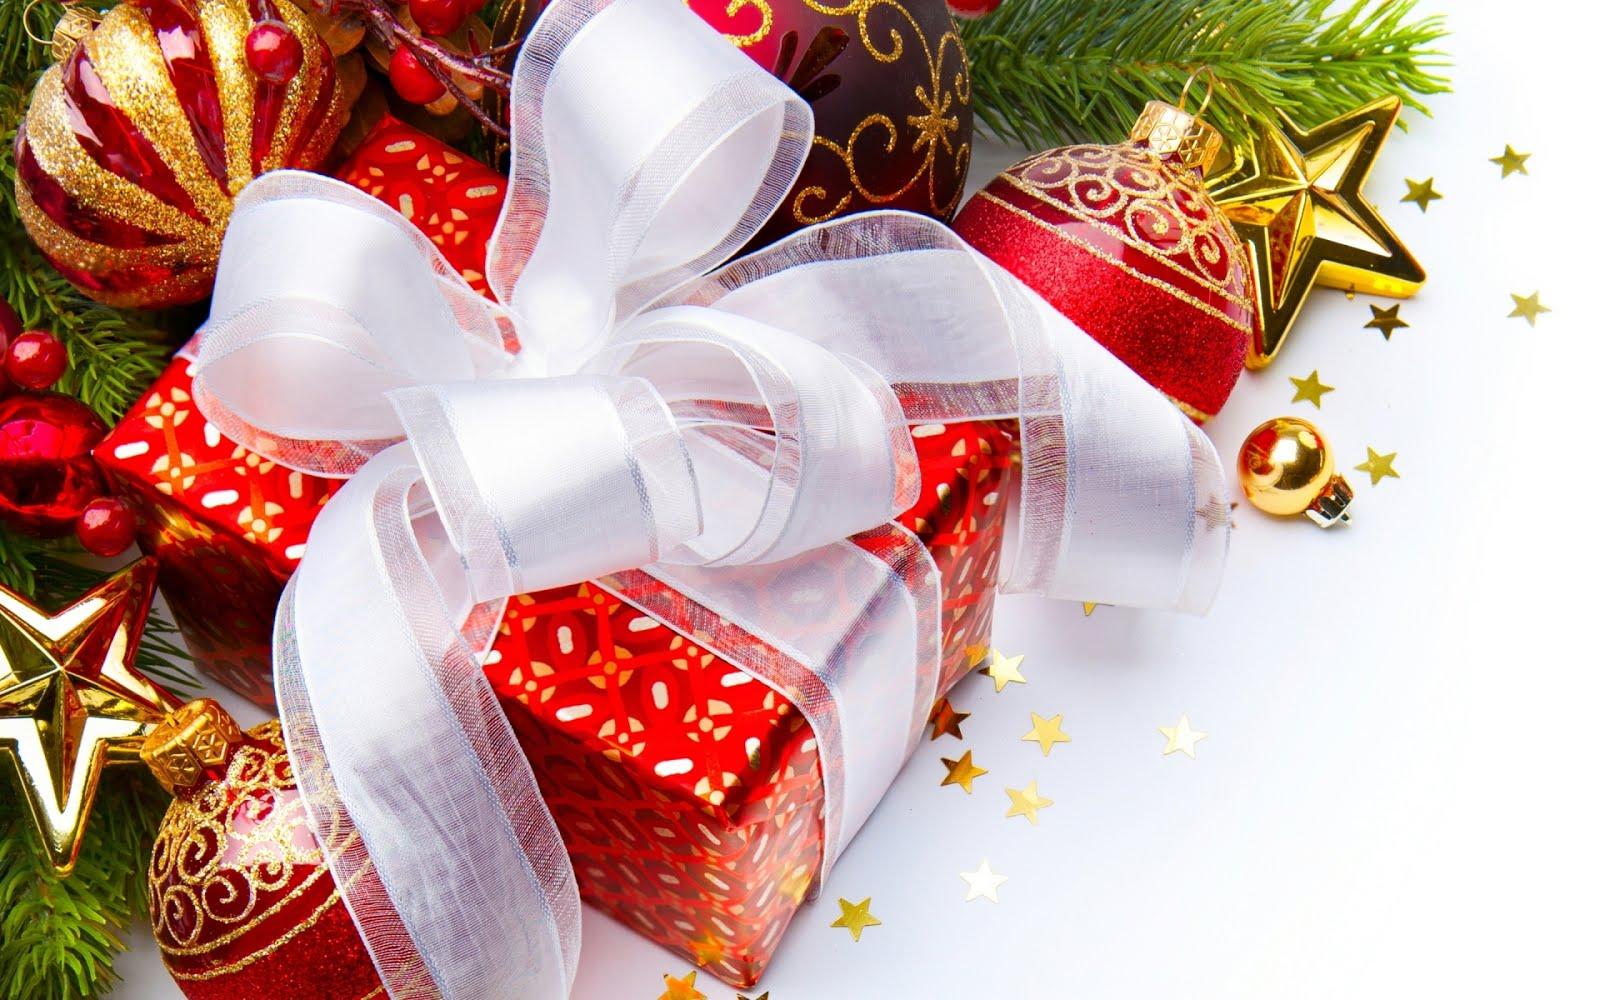 Banco de im genes regalos de navidad y esferas de colores for Ideas regalos navidad